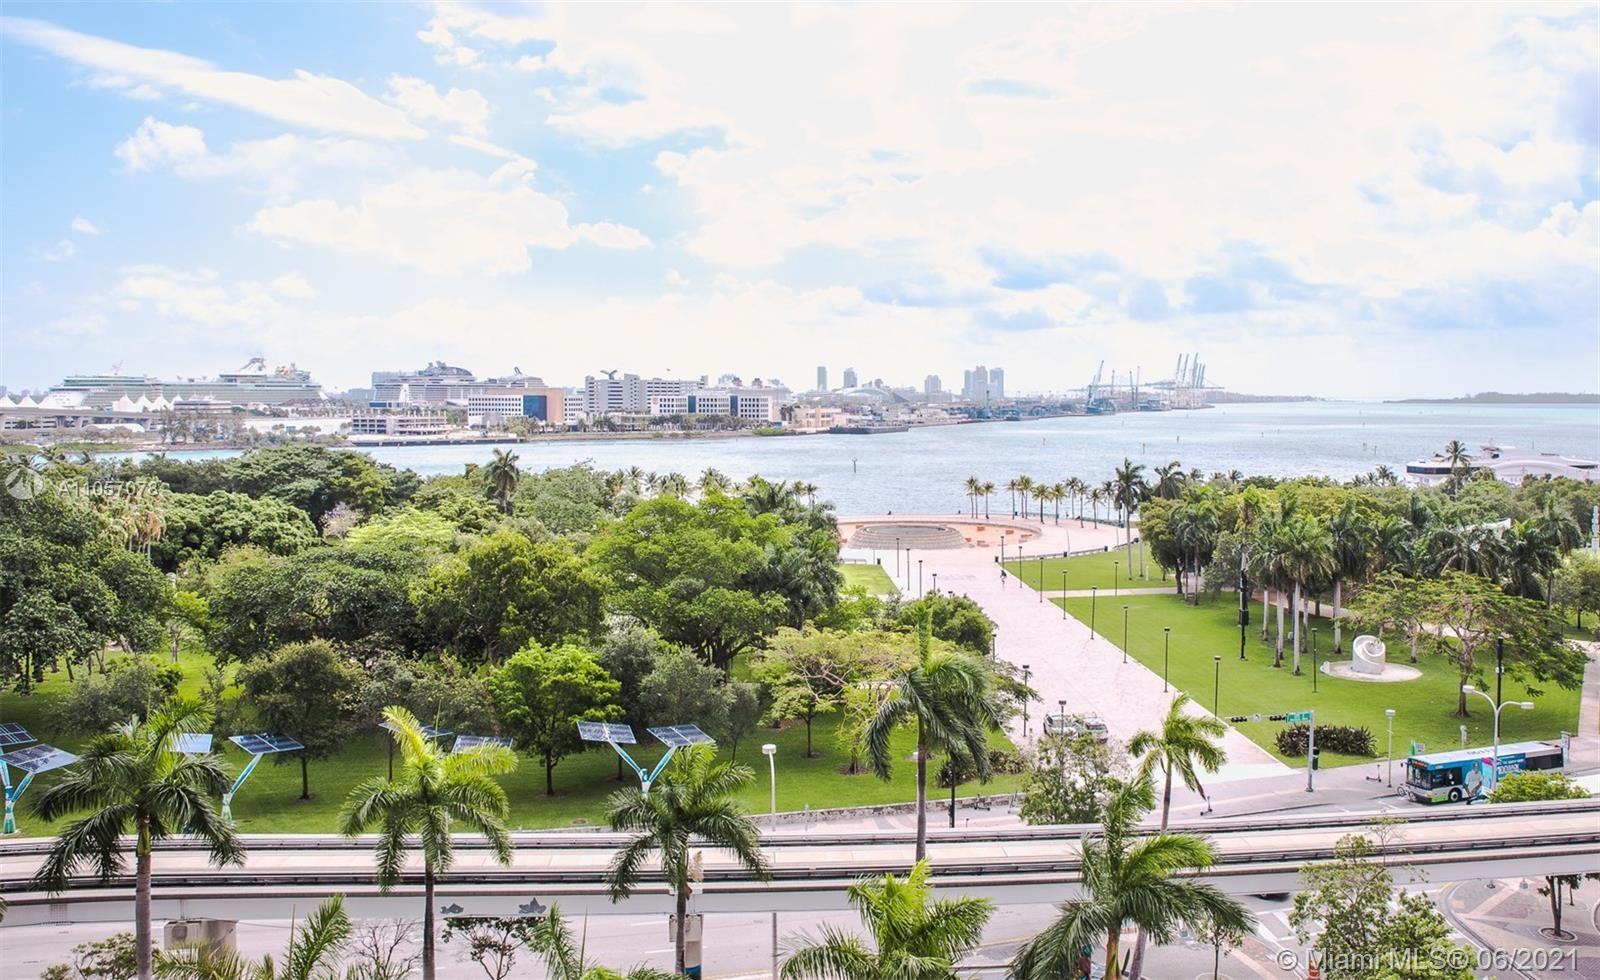 50 BISCAYNE BLVD #912, Miami, FL 33132 - #: A11057078